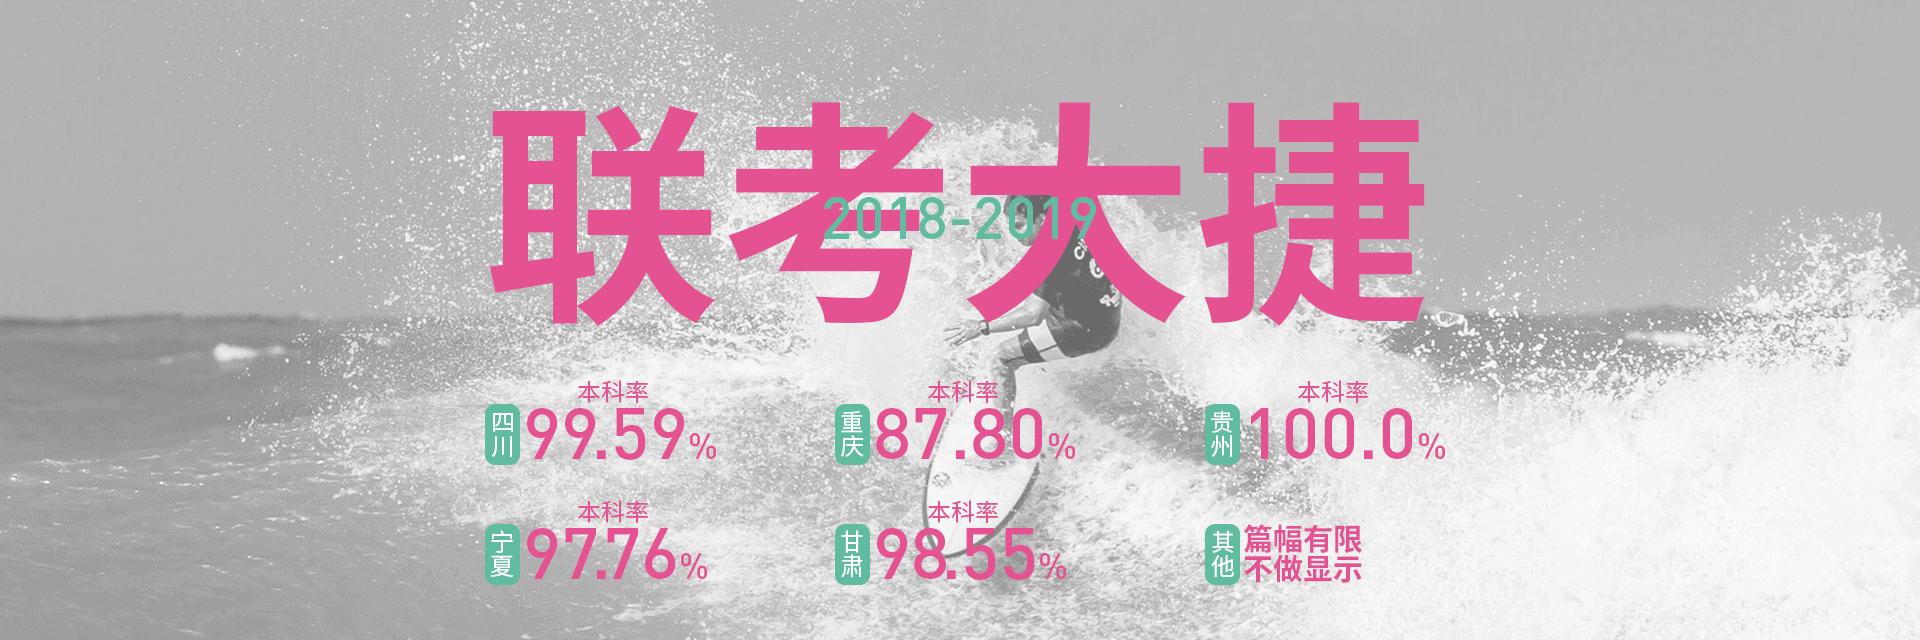 2018-2019年重庆龙行美术艺术培训学校联考战绩